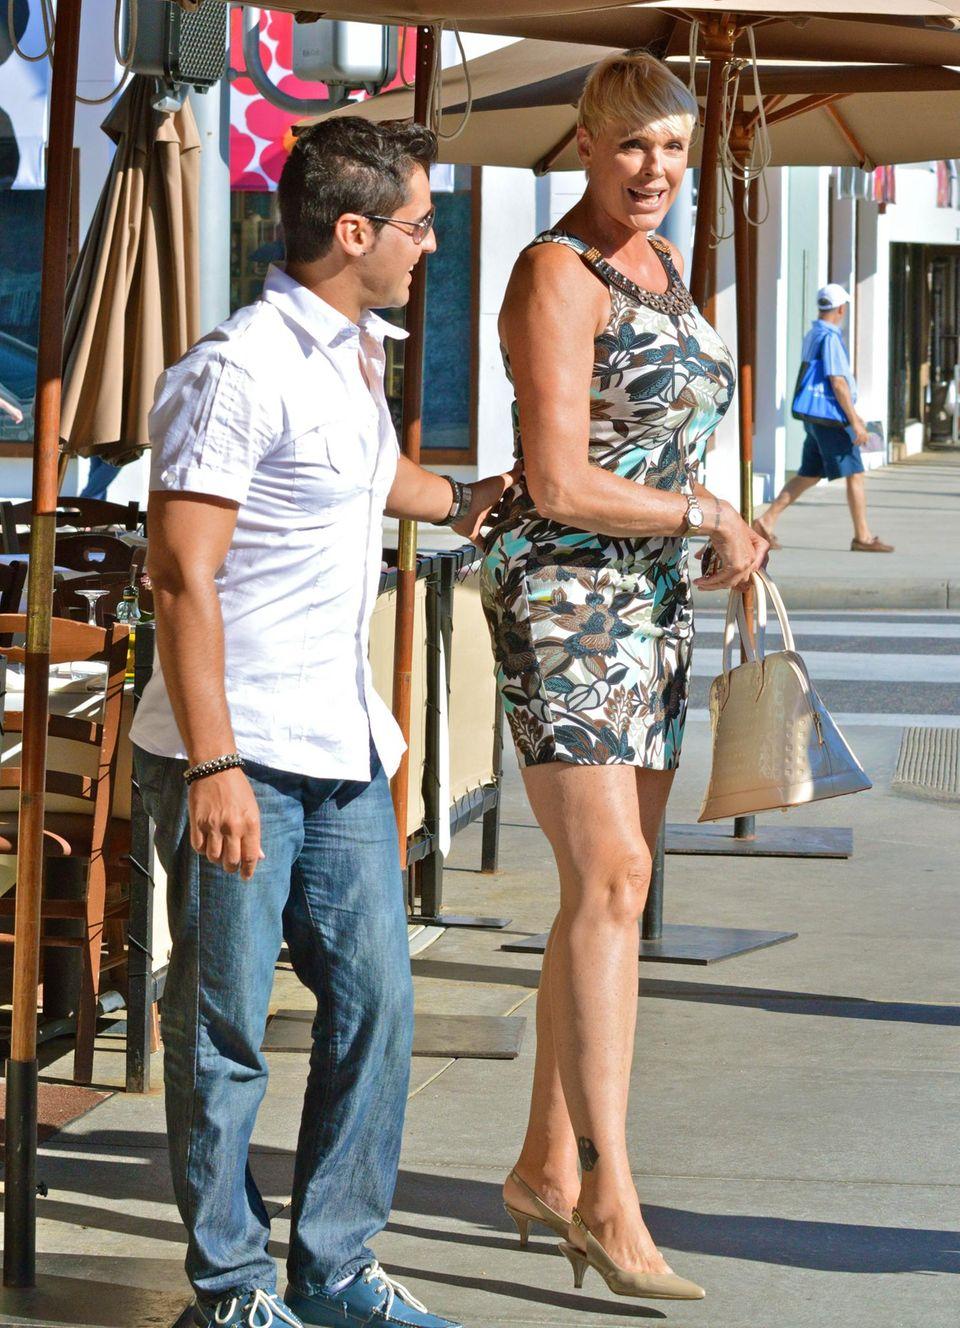 16. September 2013: Brigitte Nielsen und ihr Mann Mattia gehen im Il Pastaio Restaurant in Beverly Hills Mittag essen.